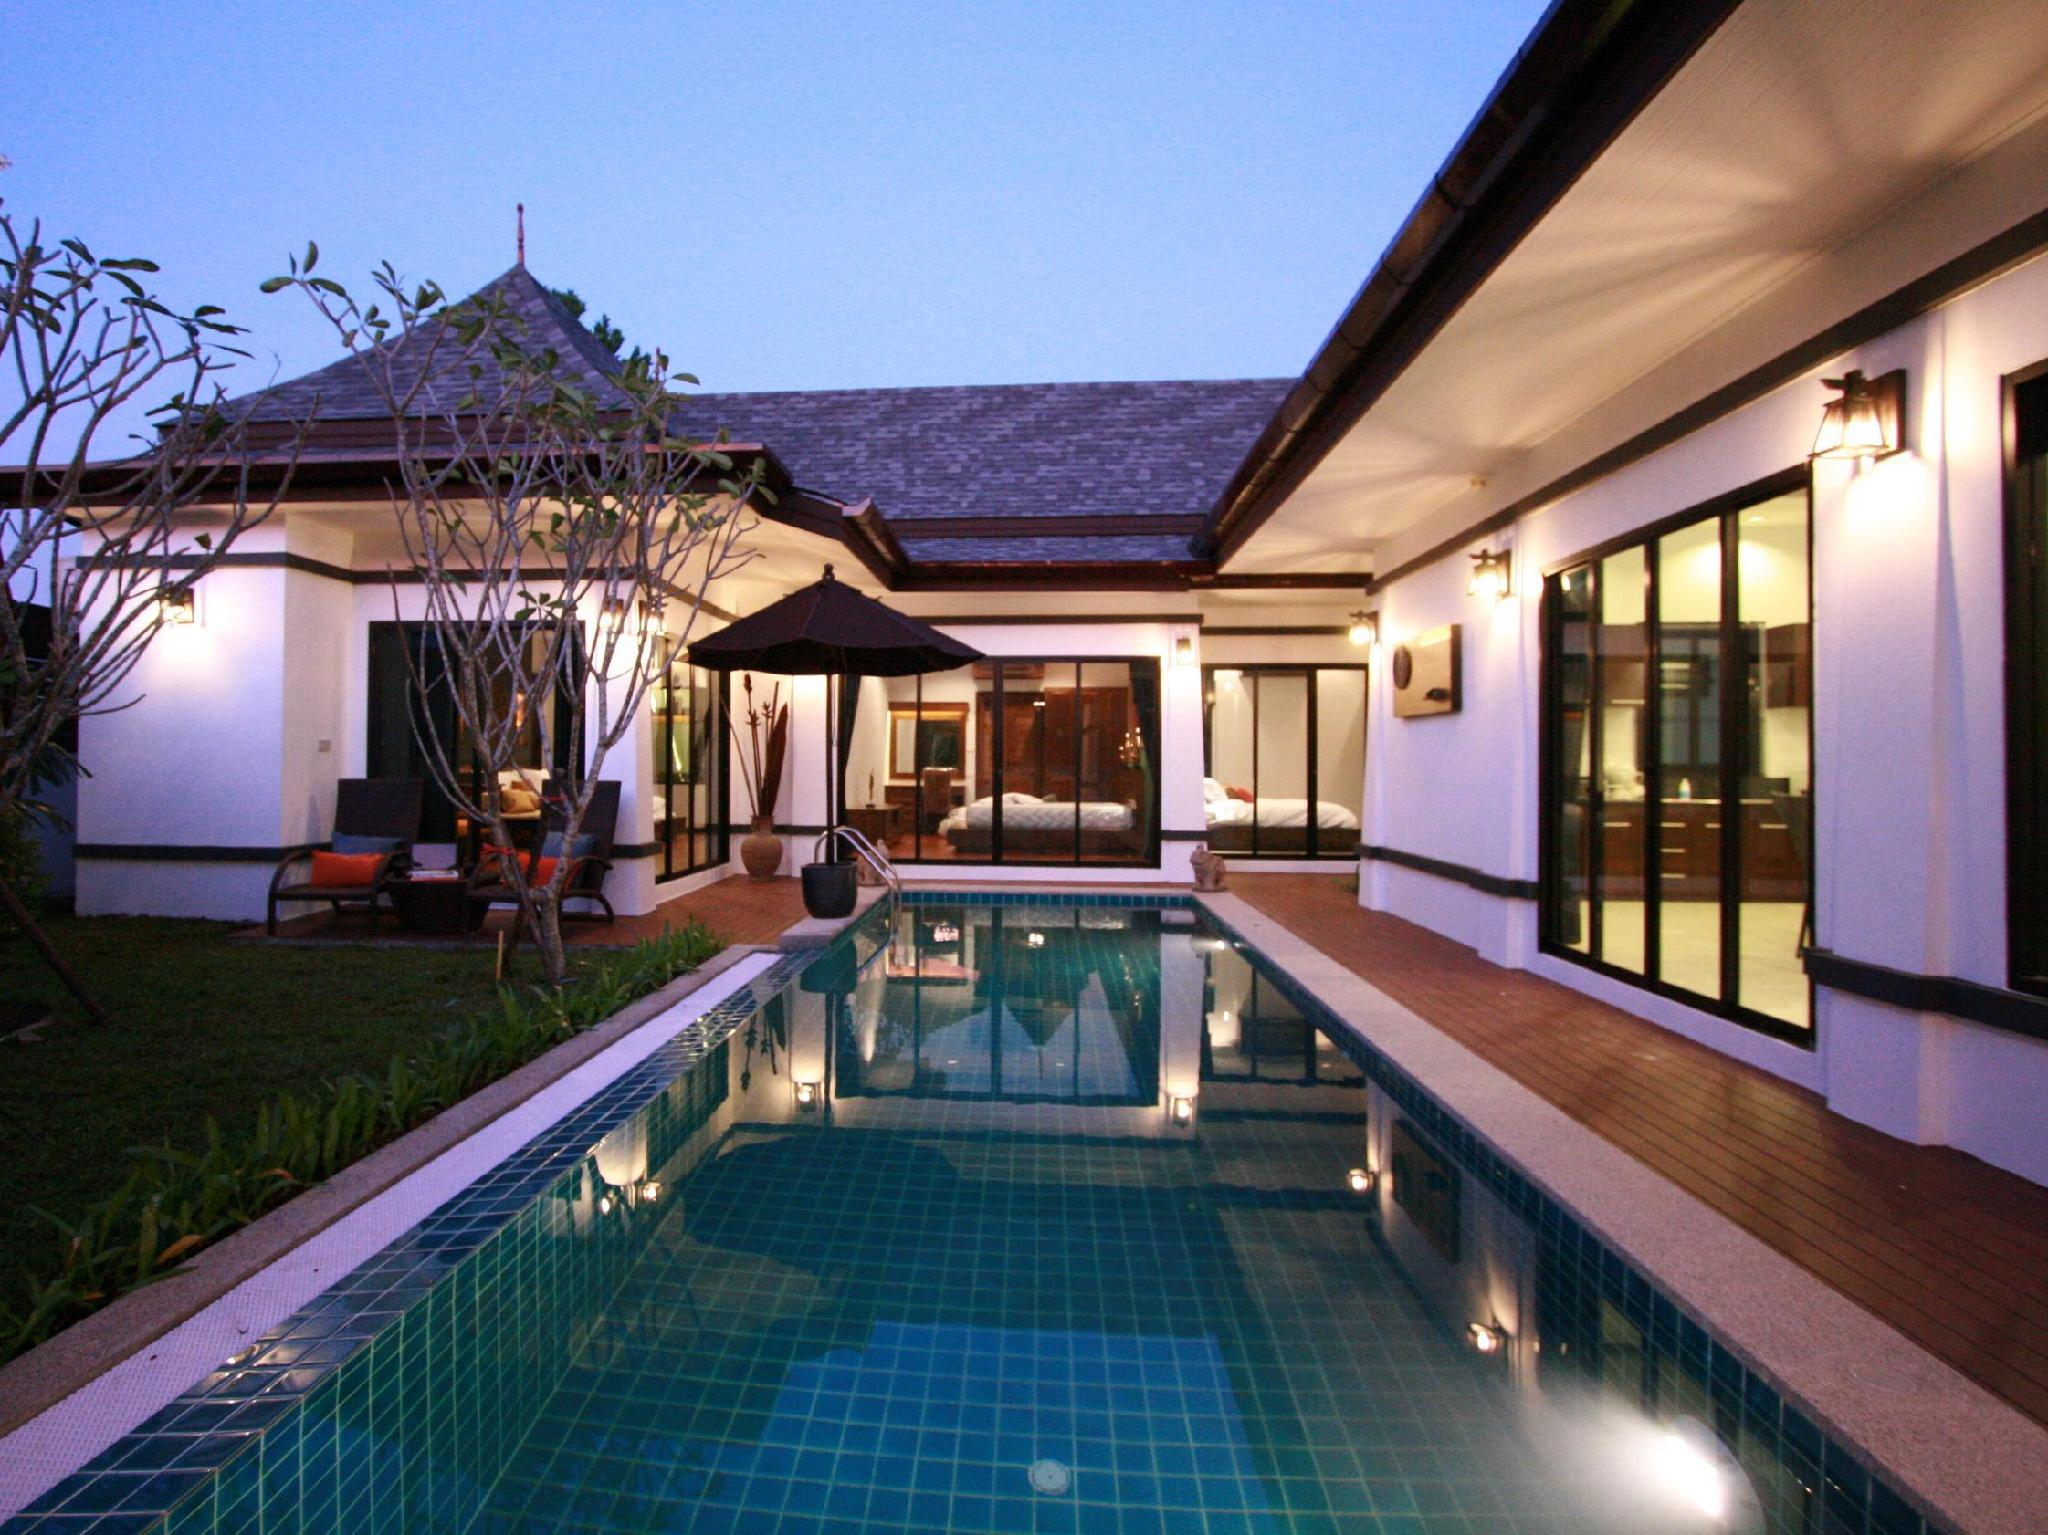 Hotell The Aqua Pool Villas i Chalong, Phuket. Klicka för att läsa mer och skicka bokningsförfrågan